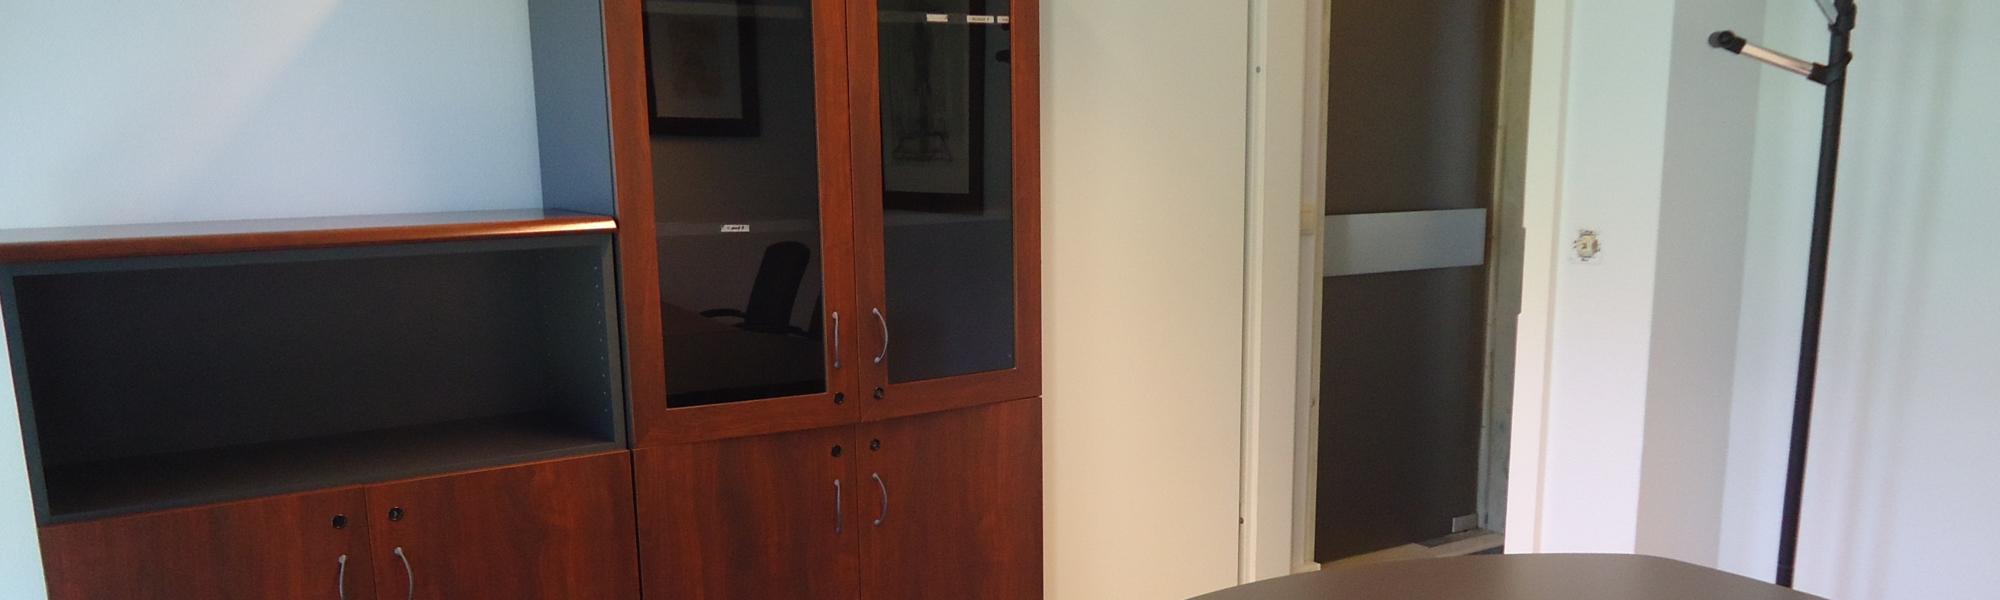 Nos centres d'affaires Luxembourg Centre 5